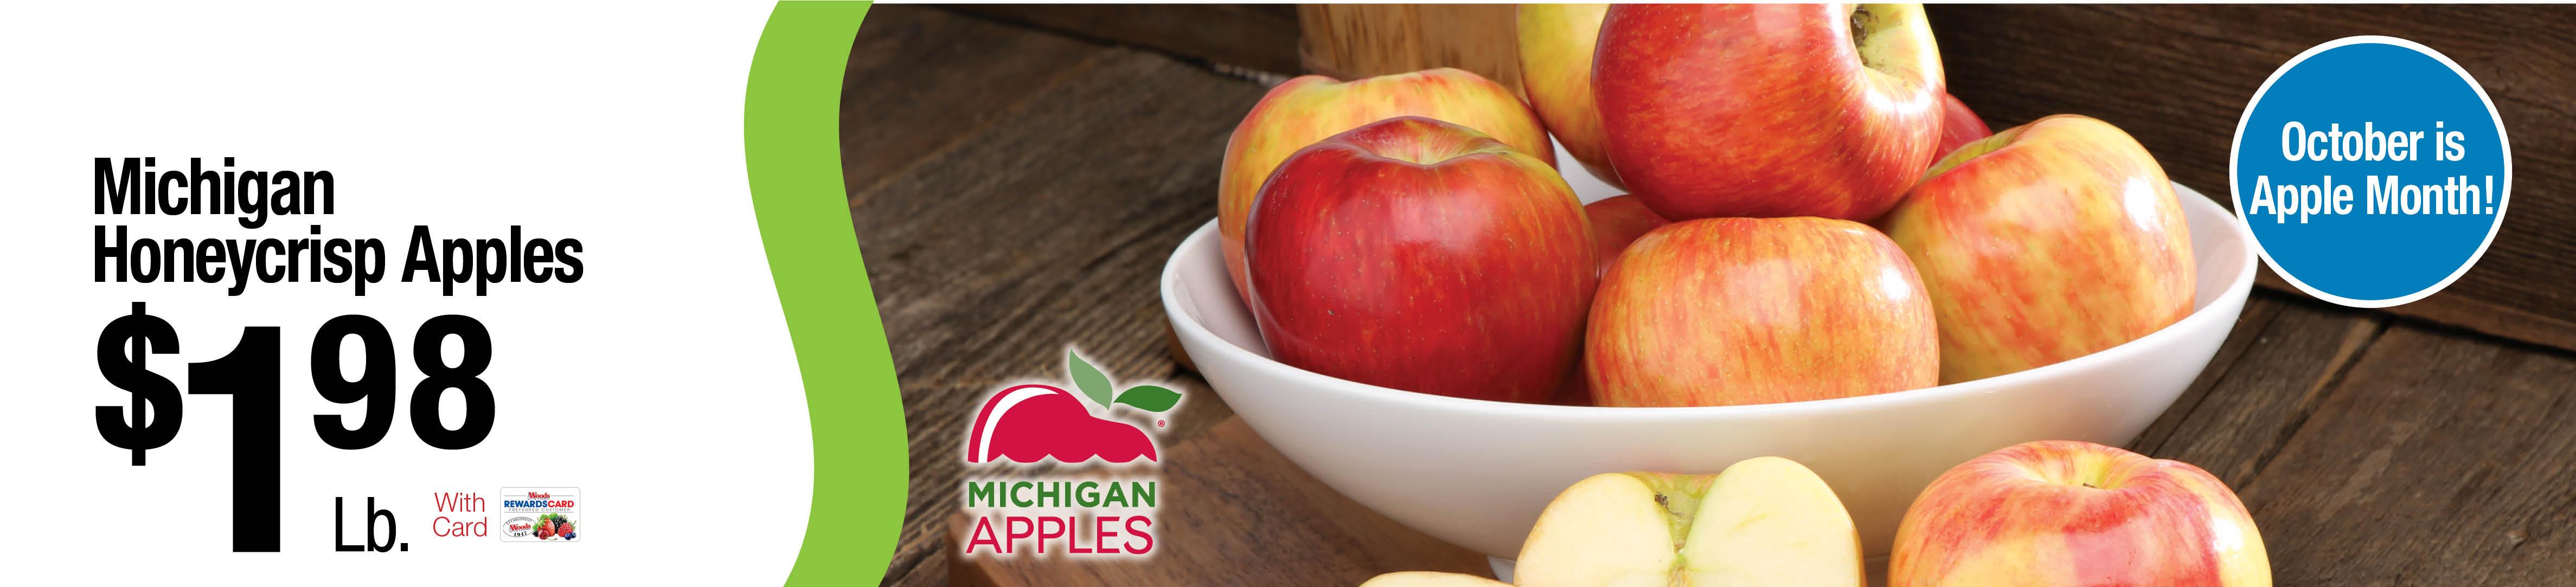 Michigan Honeycrisp Apples $1.98lb